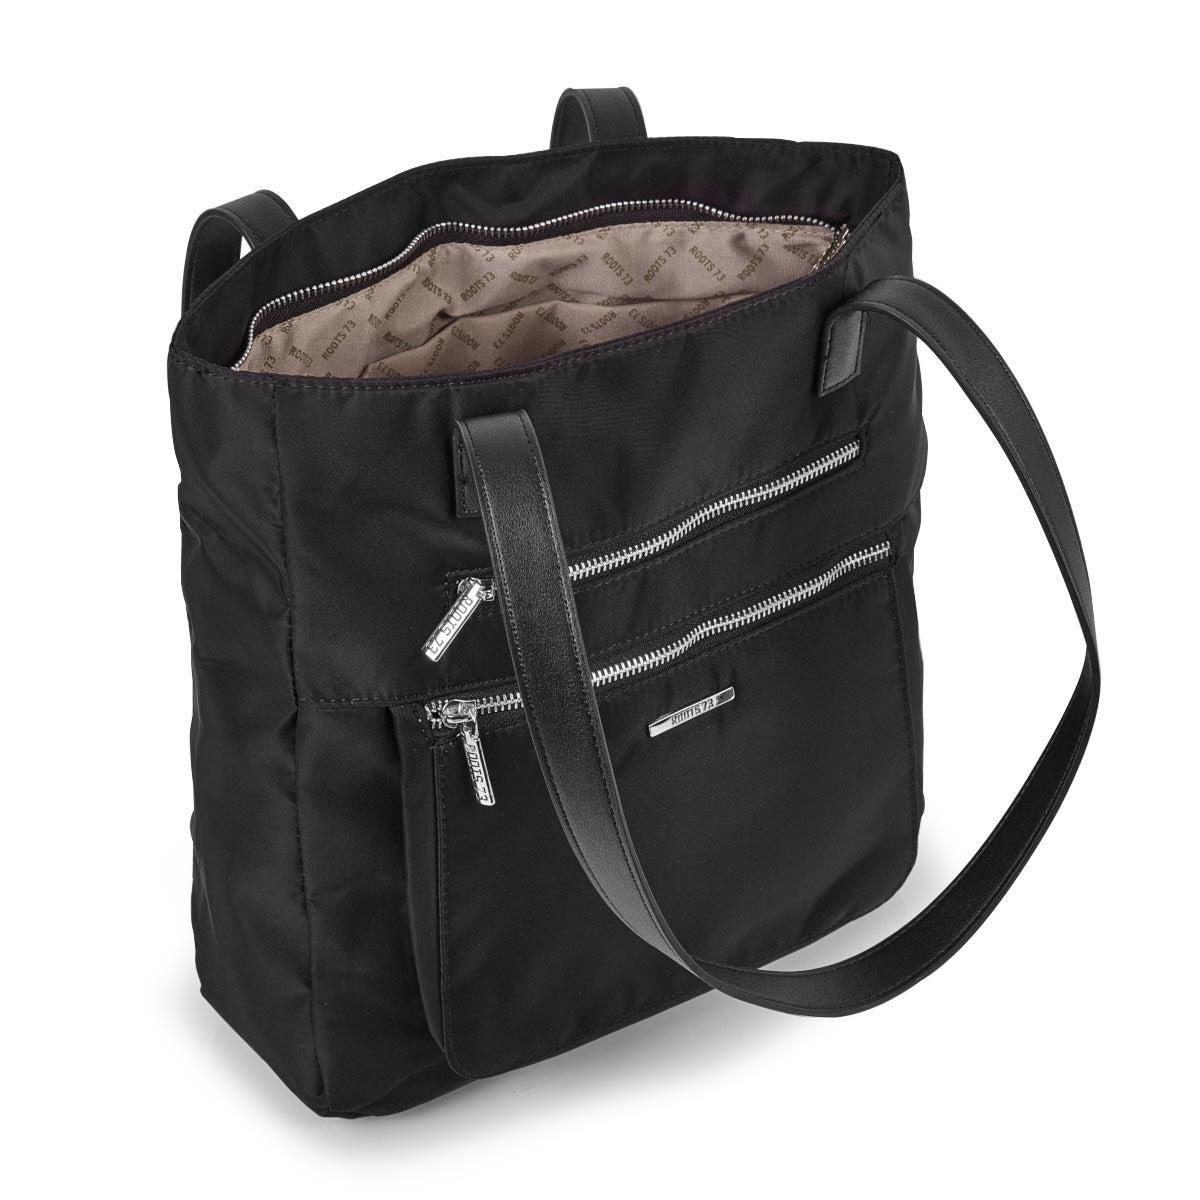 Lds Roots73 black zip closure satchel